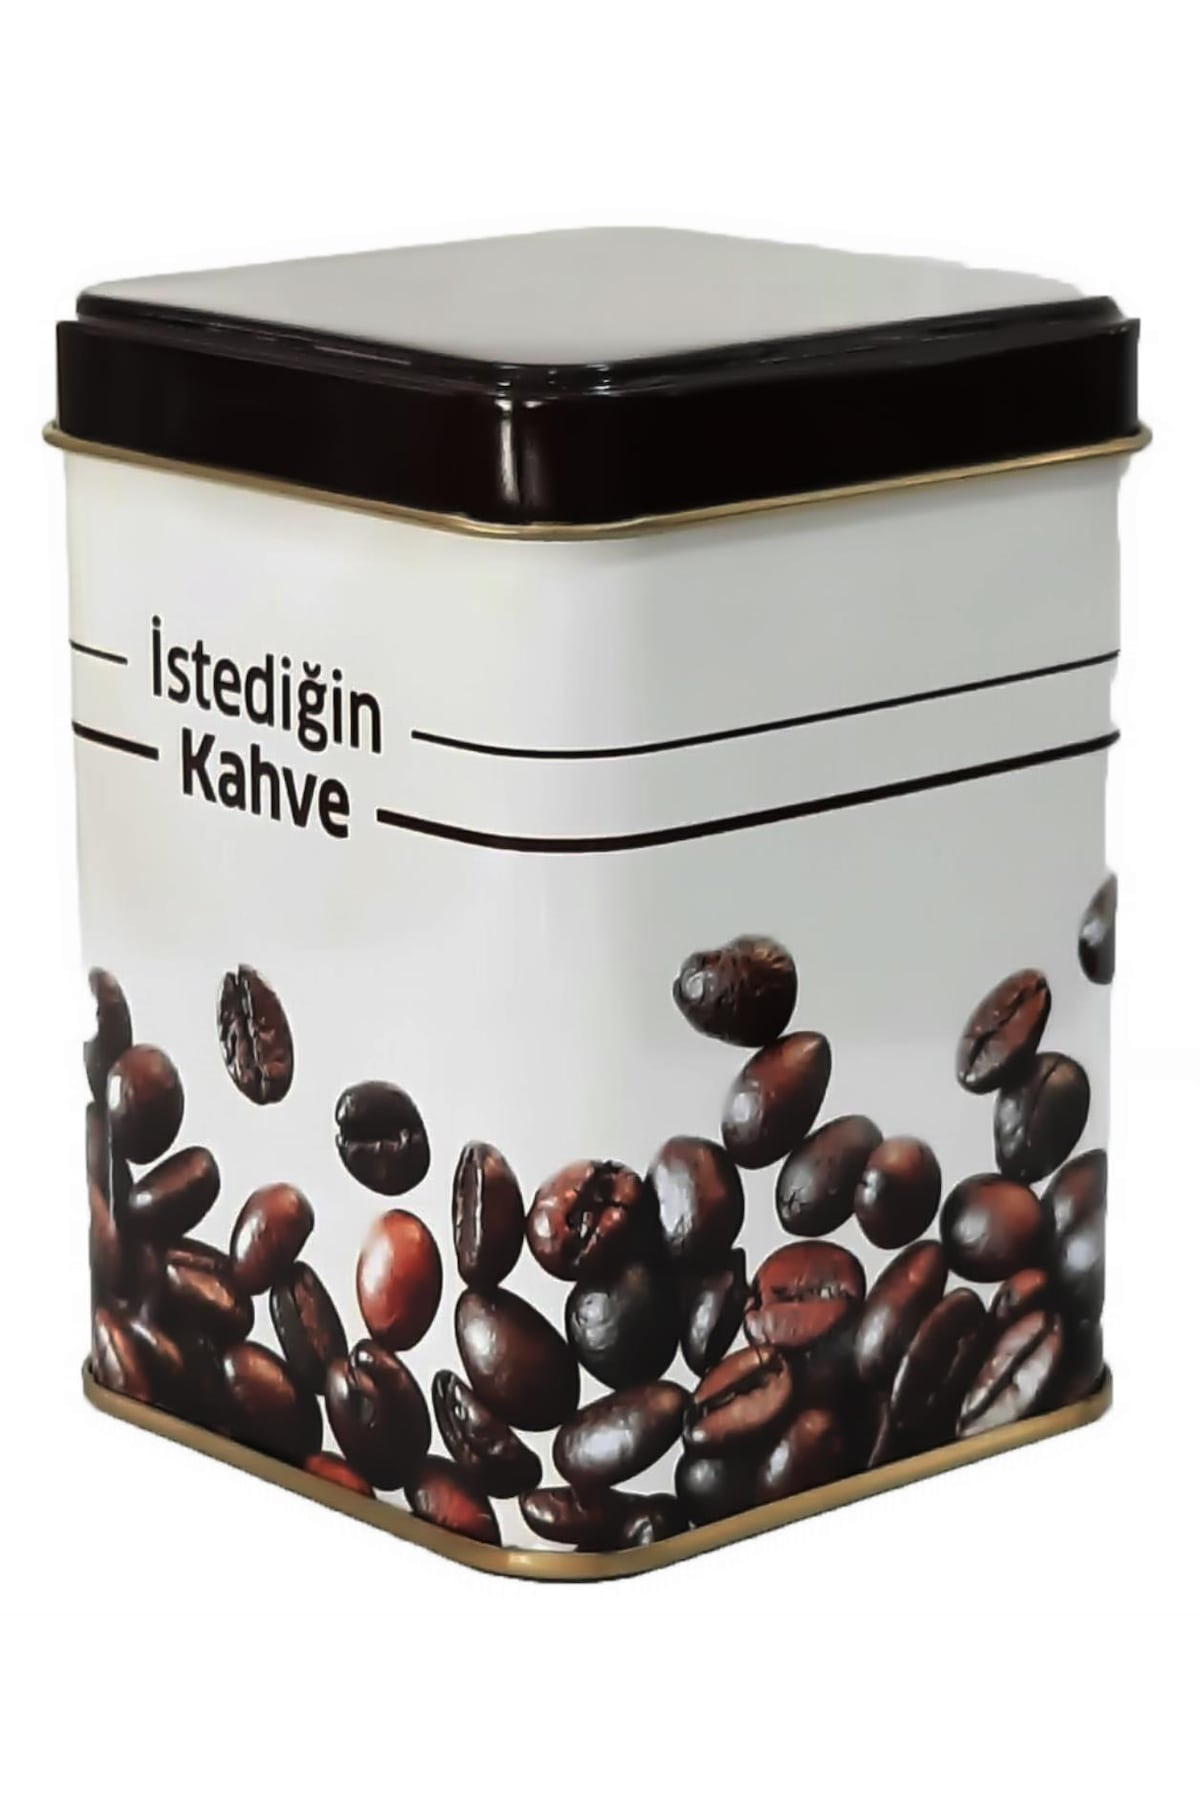 Dünya Kahveleri Nelerdir?